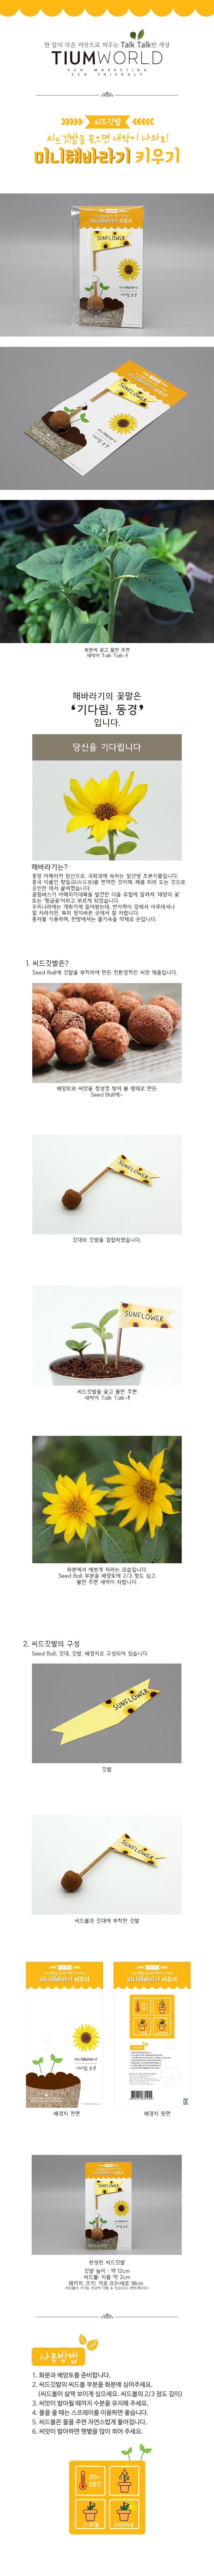 씨드깃발-미니해바라기 - 틔움세상, 1,500원, 새싹/모종키우기, 씨앗